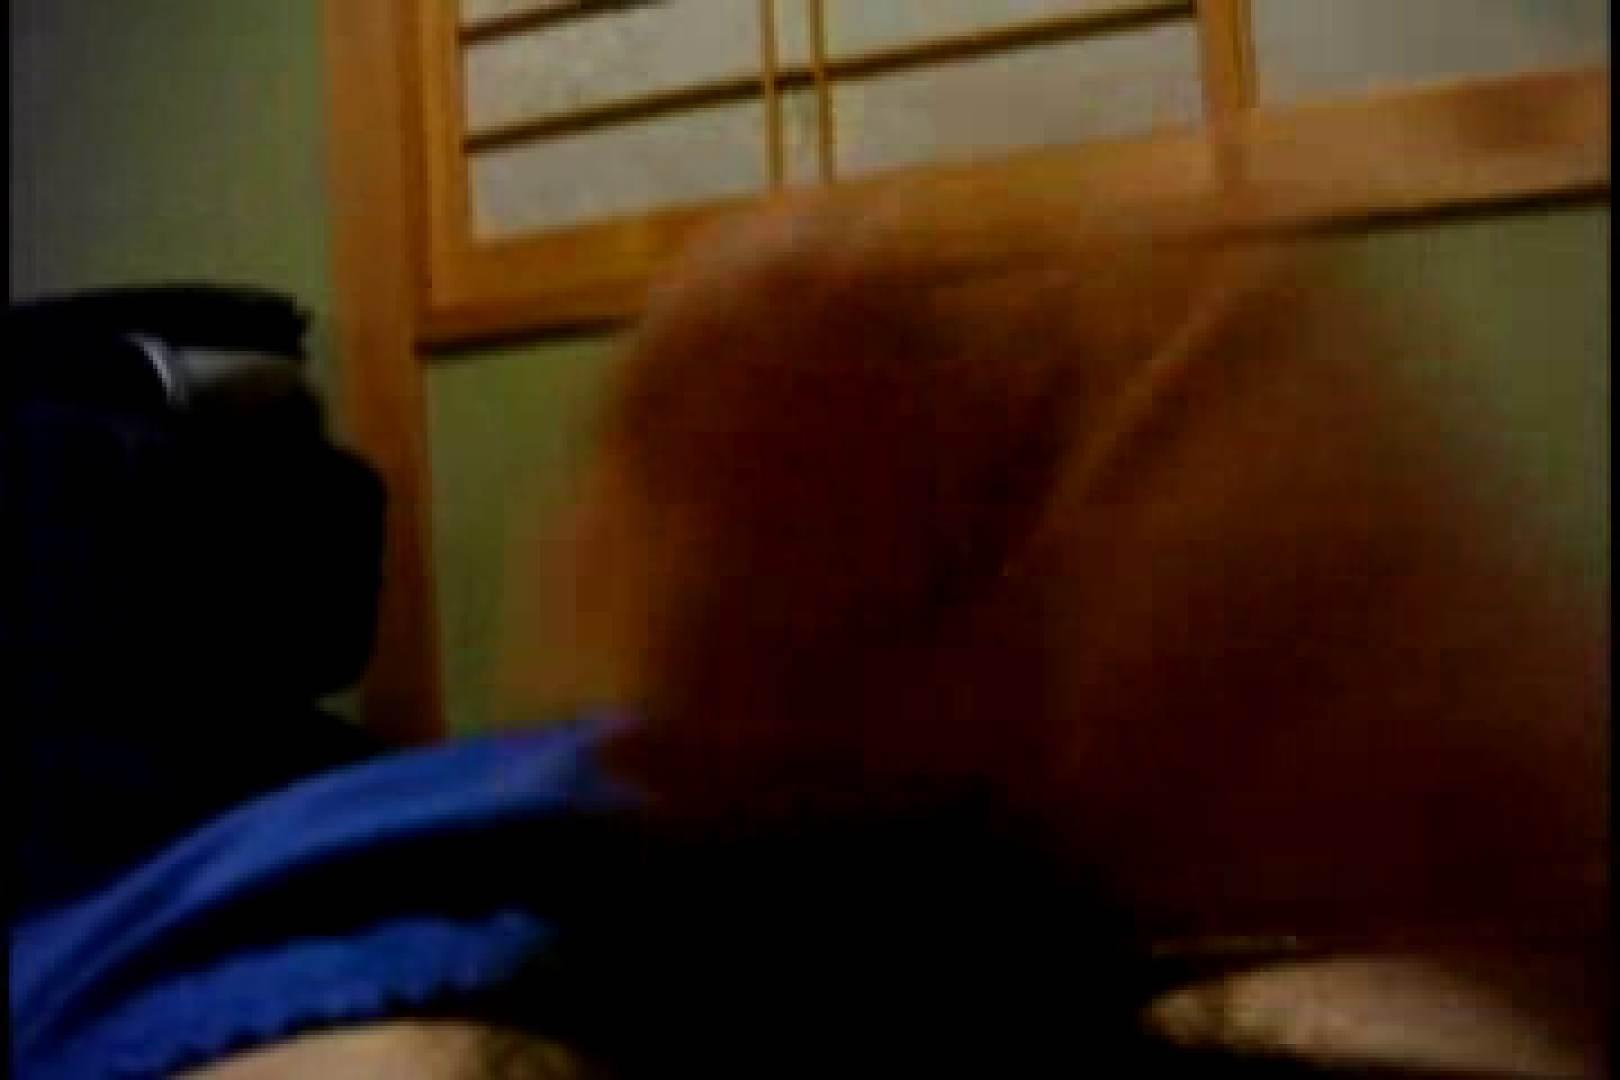 オナ好きノンケテニス部員の自画撮り投稿vol.02 投稿 | ゲイのオナニー映像  102枚 31